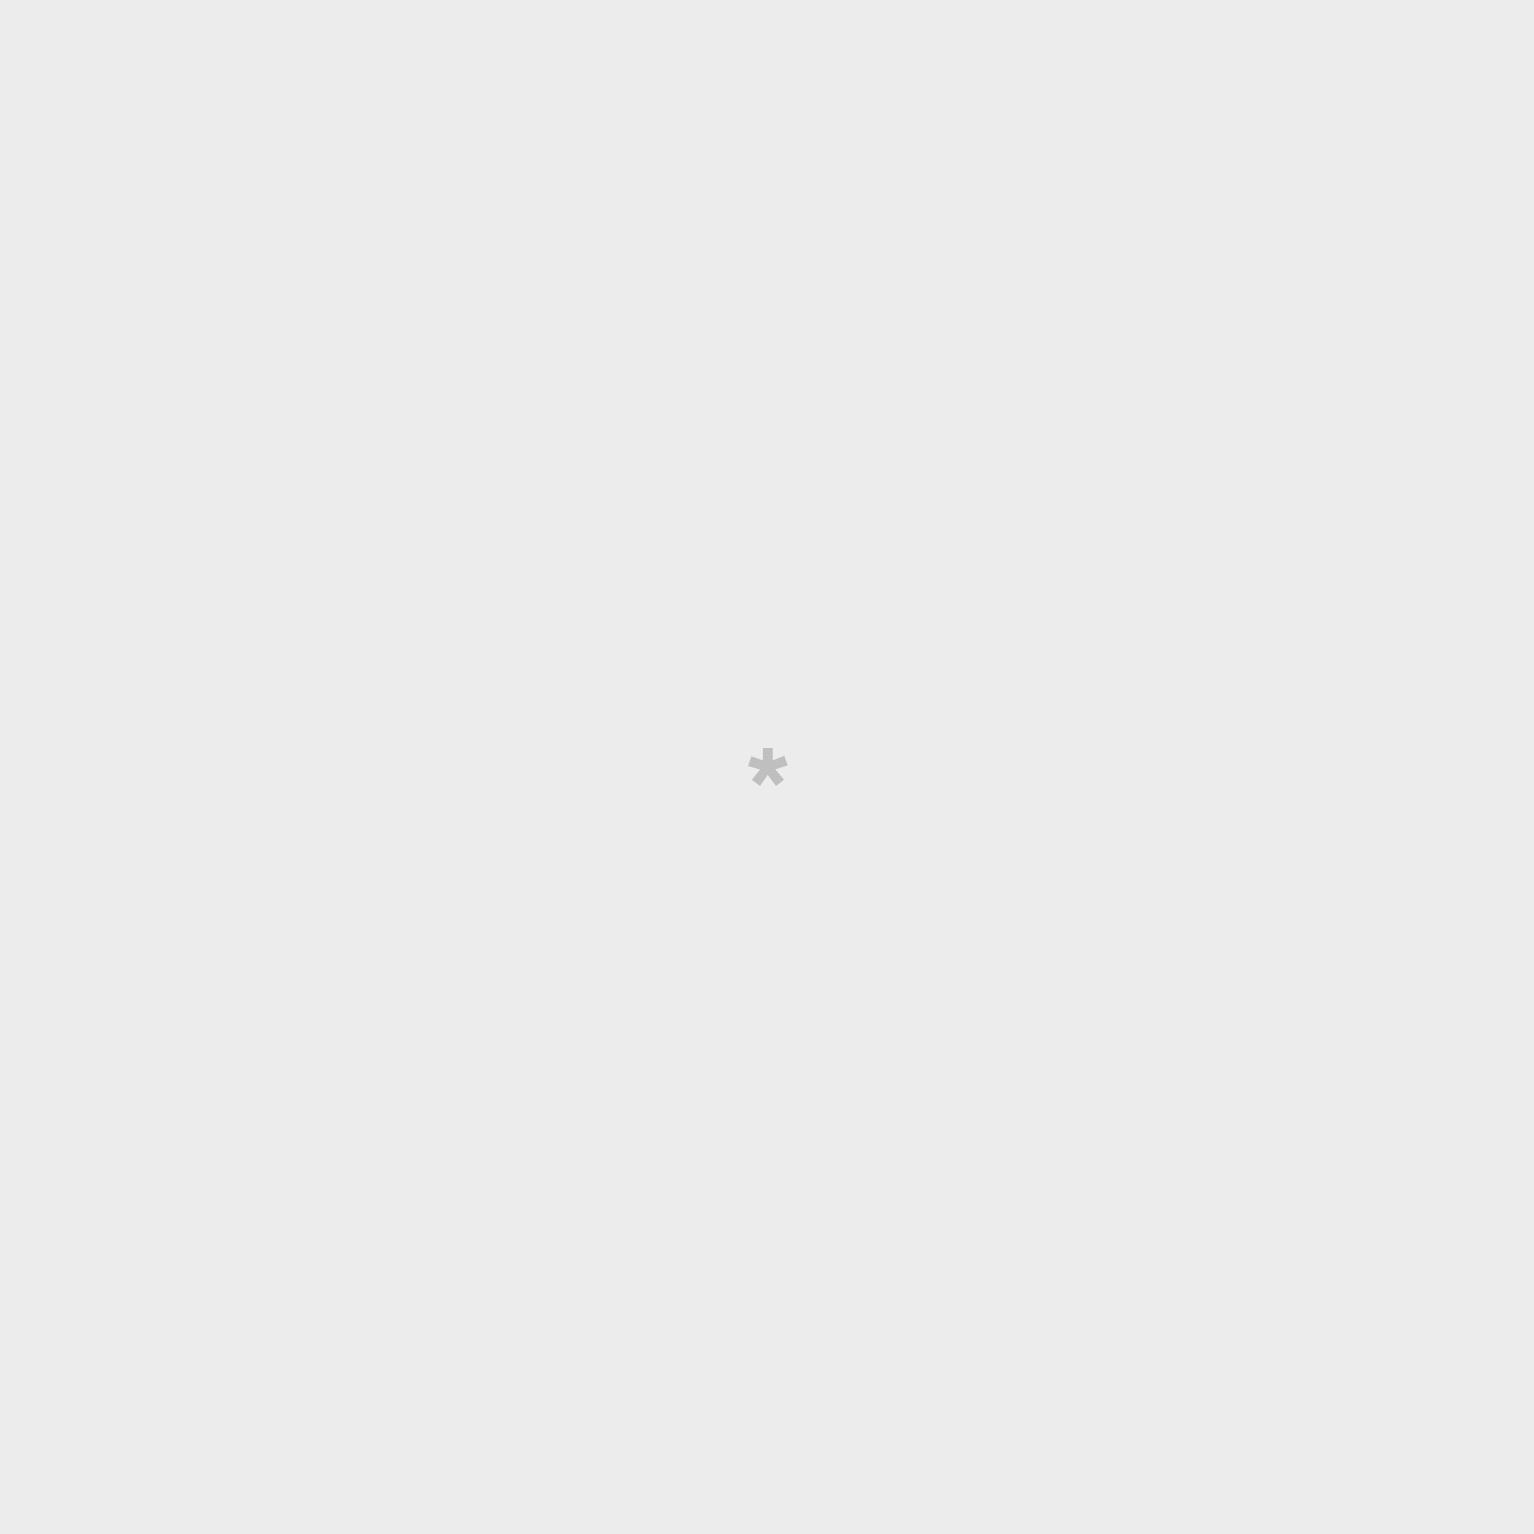 16 GB USB stick – Cactus makes perfect